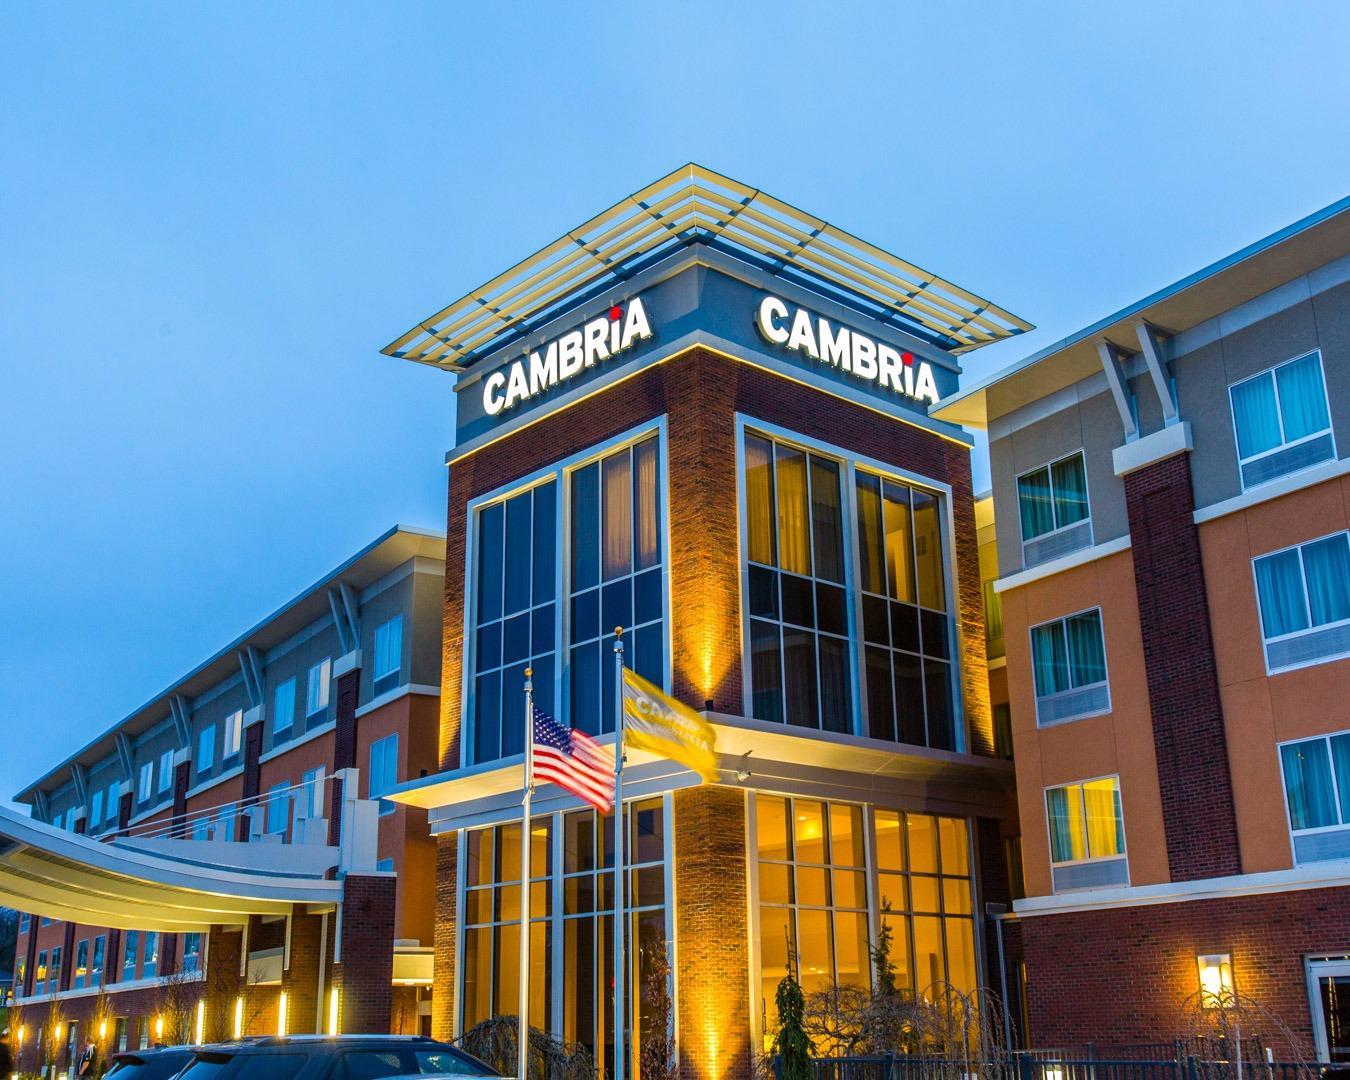 Hotels close to horseshoe casino cleveland oh